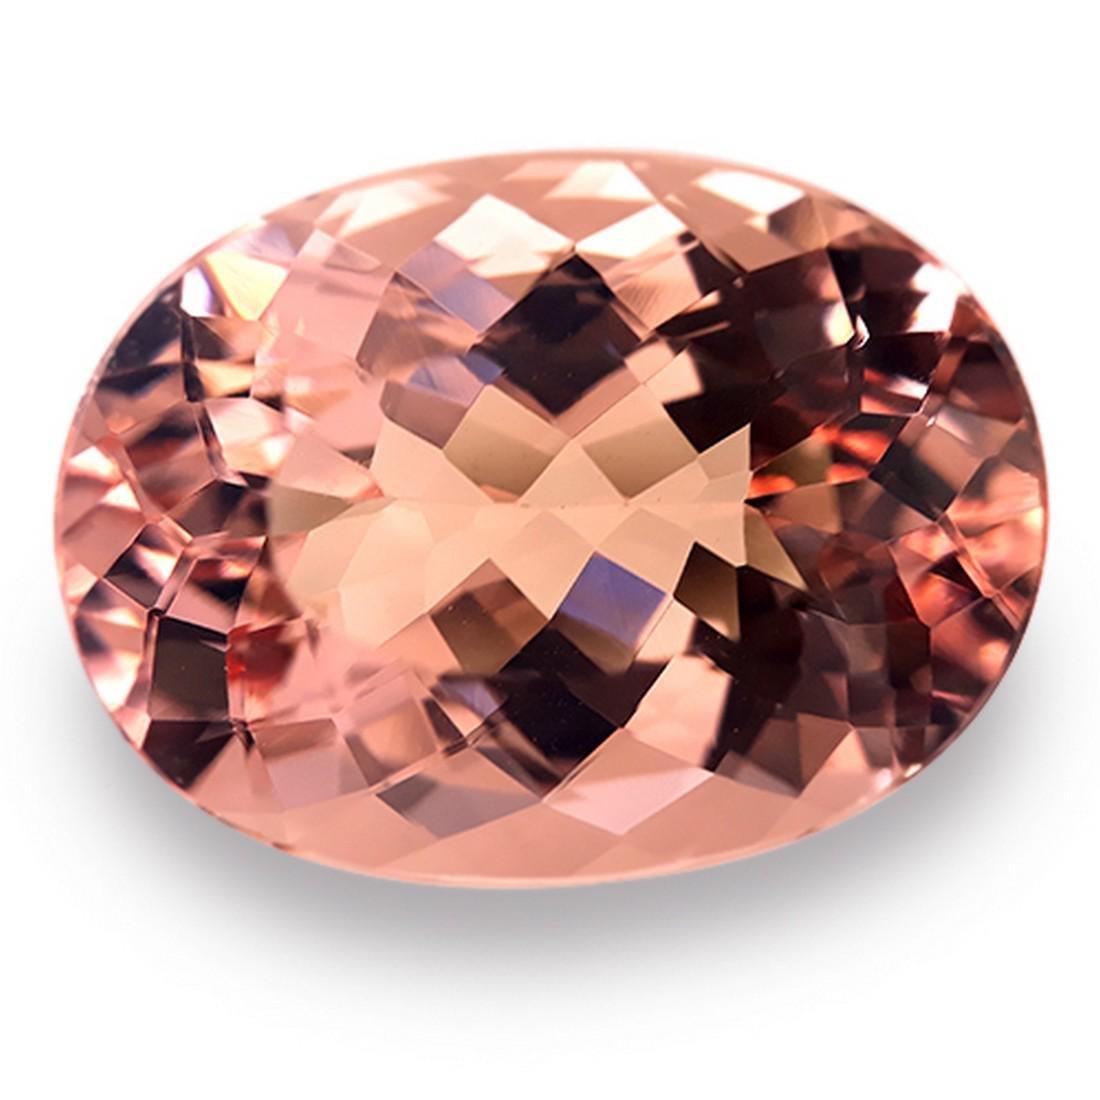 9.14 Cts Natural Morganite